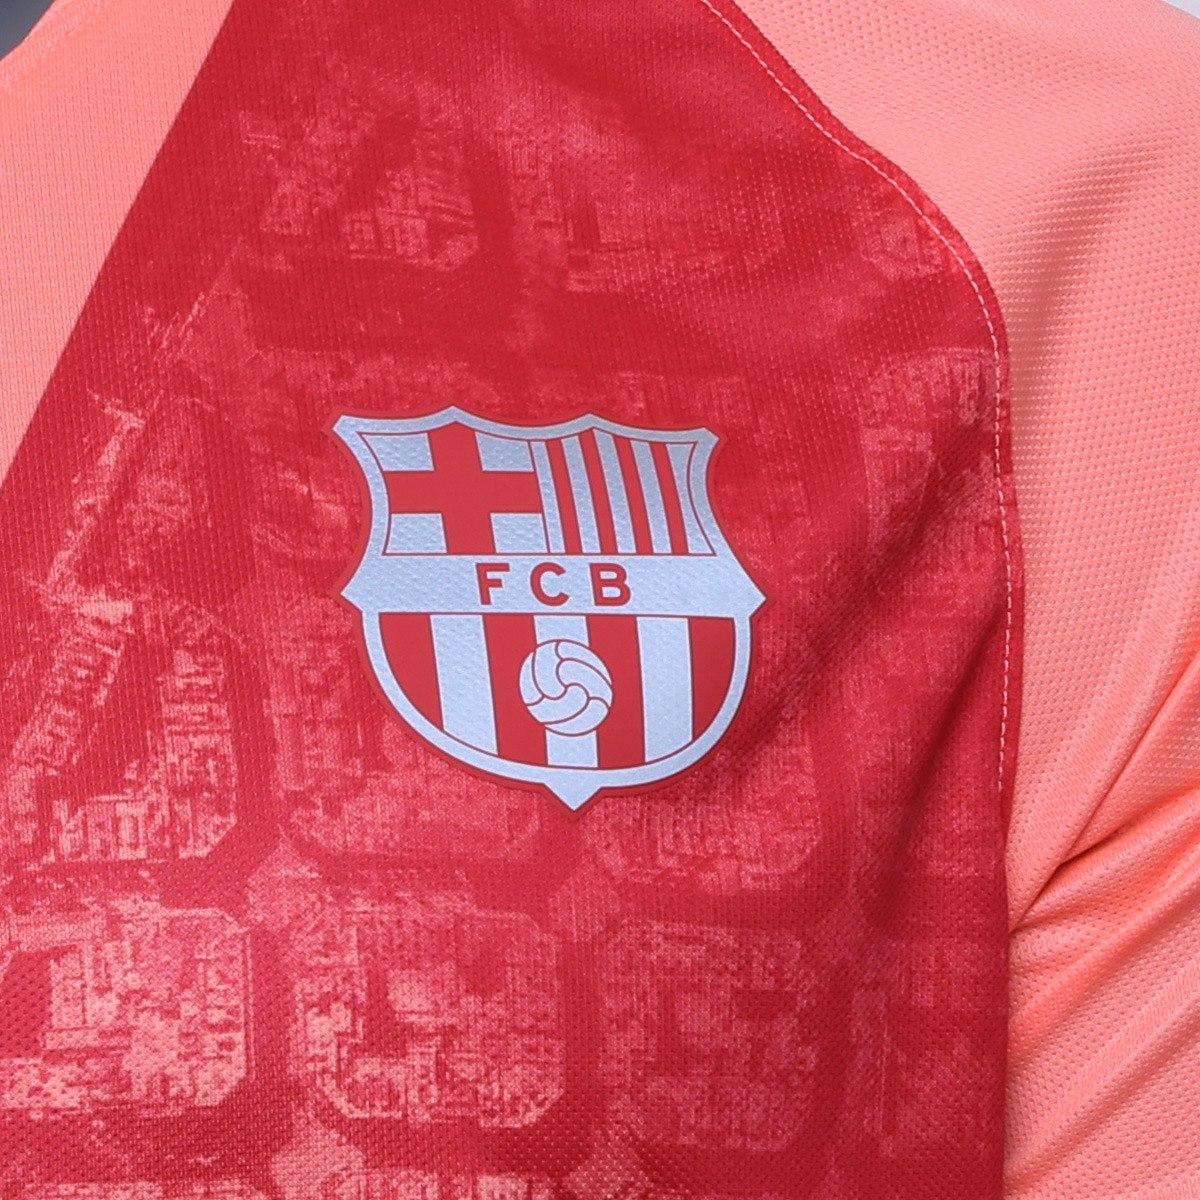 Camisa Barcelona Third 2018 S nº - Torcedor Nike Masculina - R  249 ... 8404aae568ba0